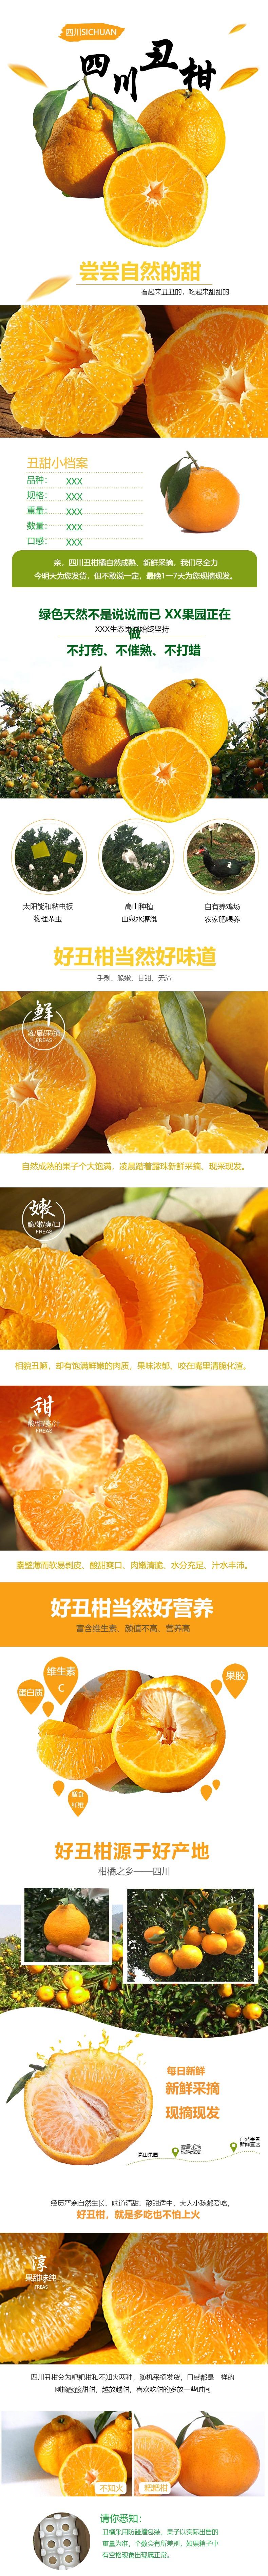 清新简约百货零售生鲜水果丑柑柑橘促销电商详情页